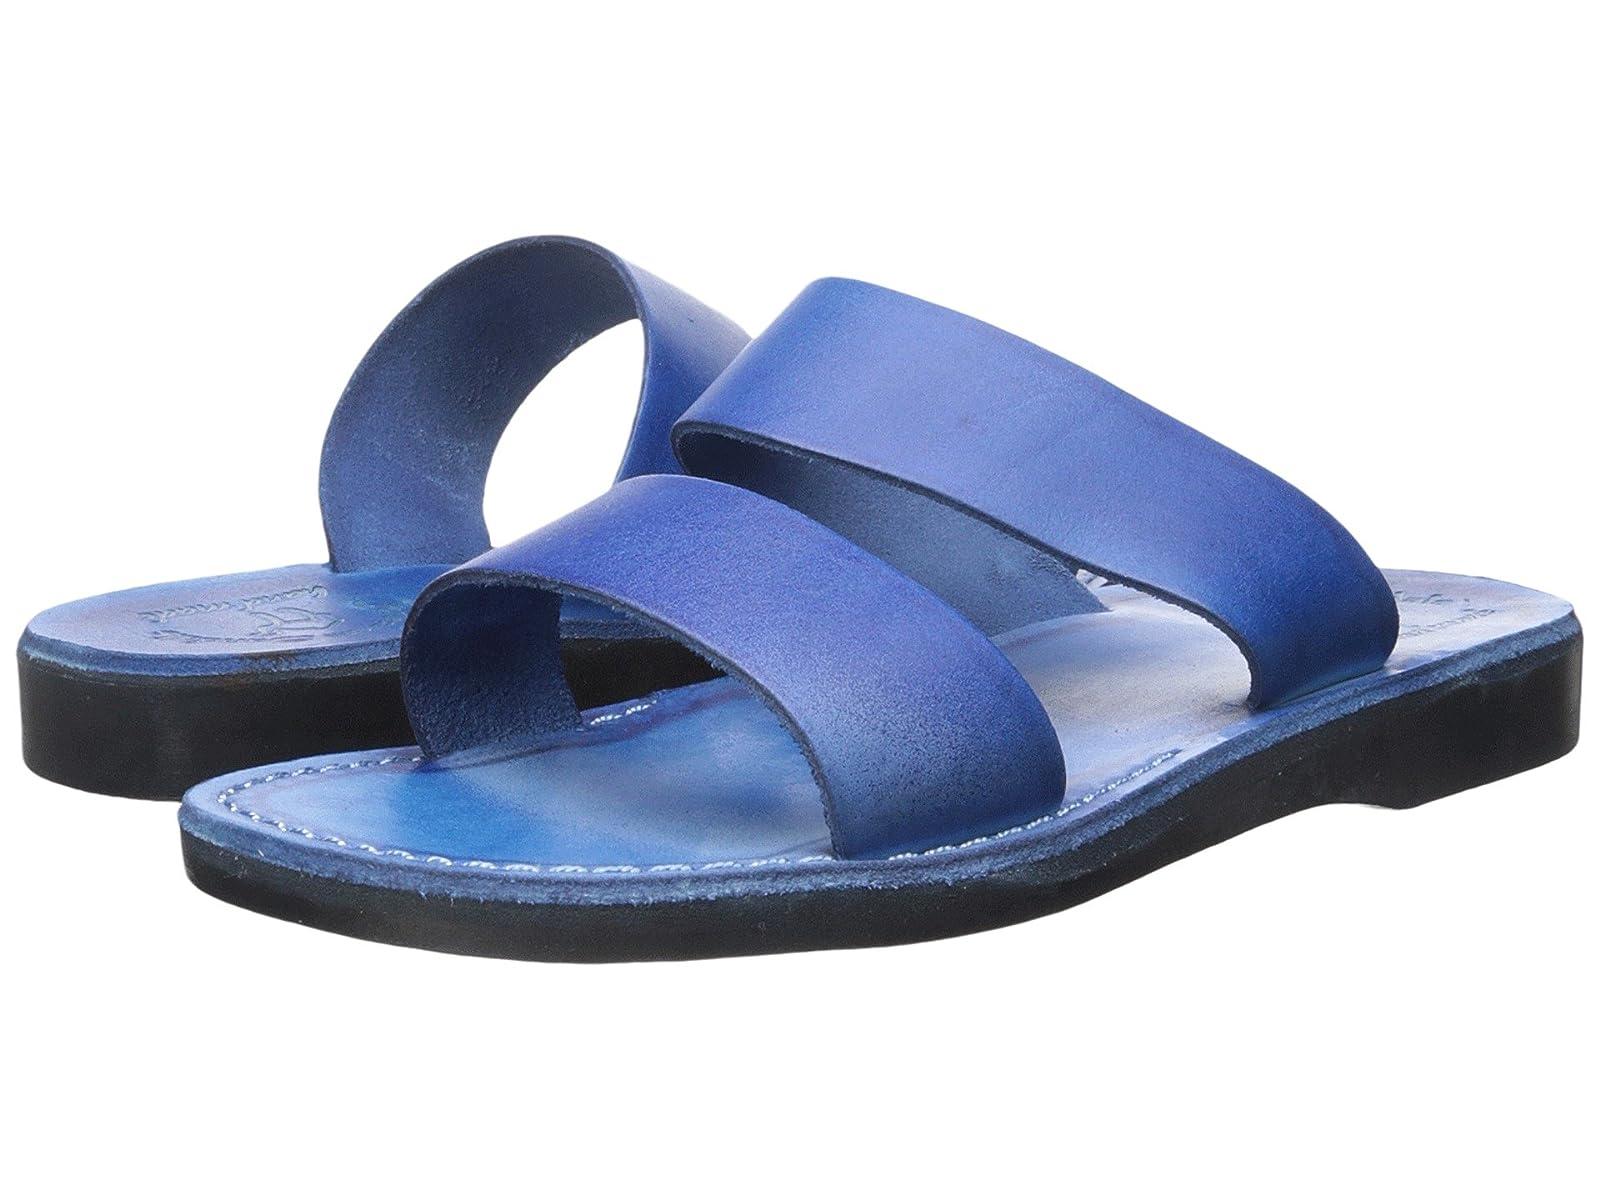 Jerusalem Sandals AvivAtmospheric grades have affordable shoes